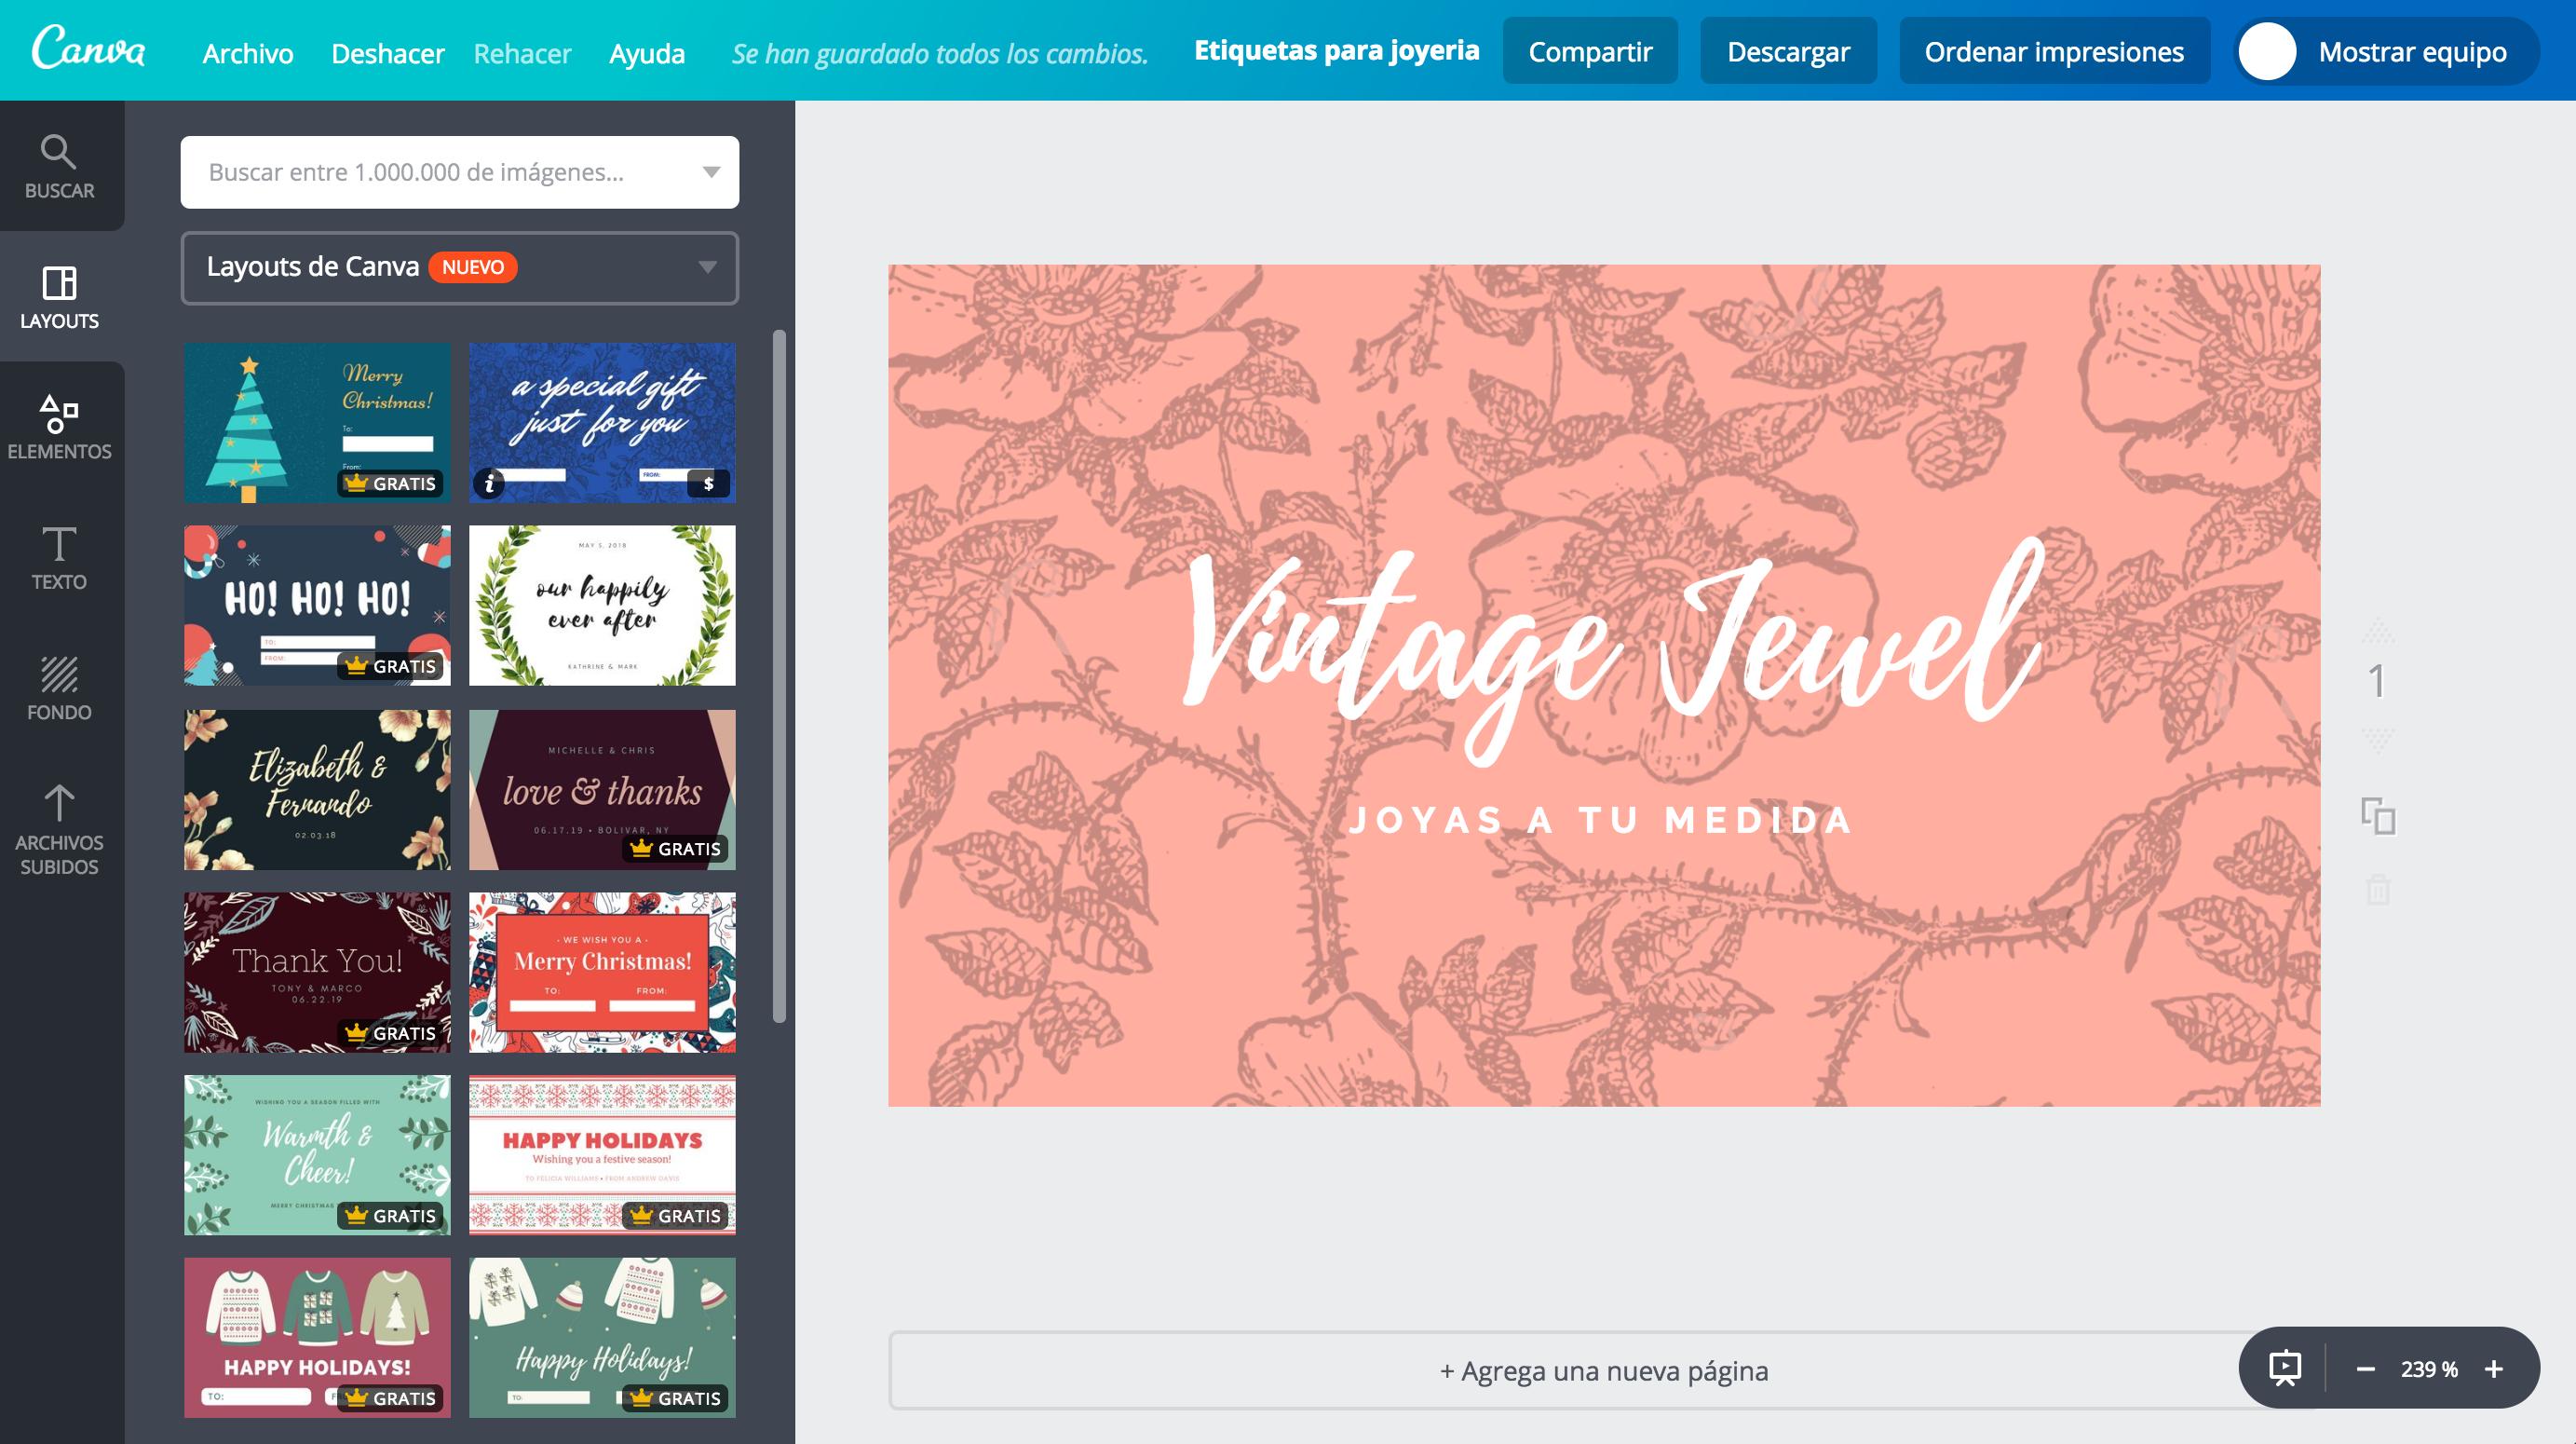 Crea etiquetas para joyería personalizadas gratis - Canva